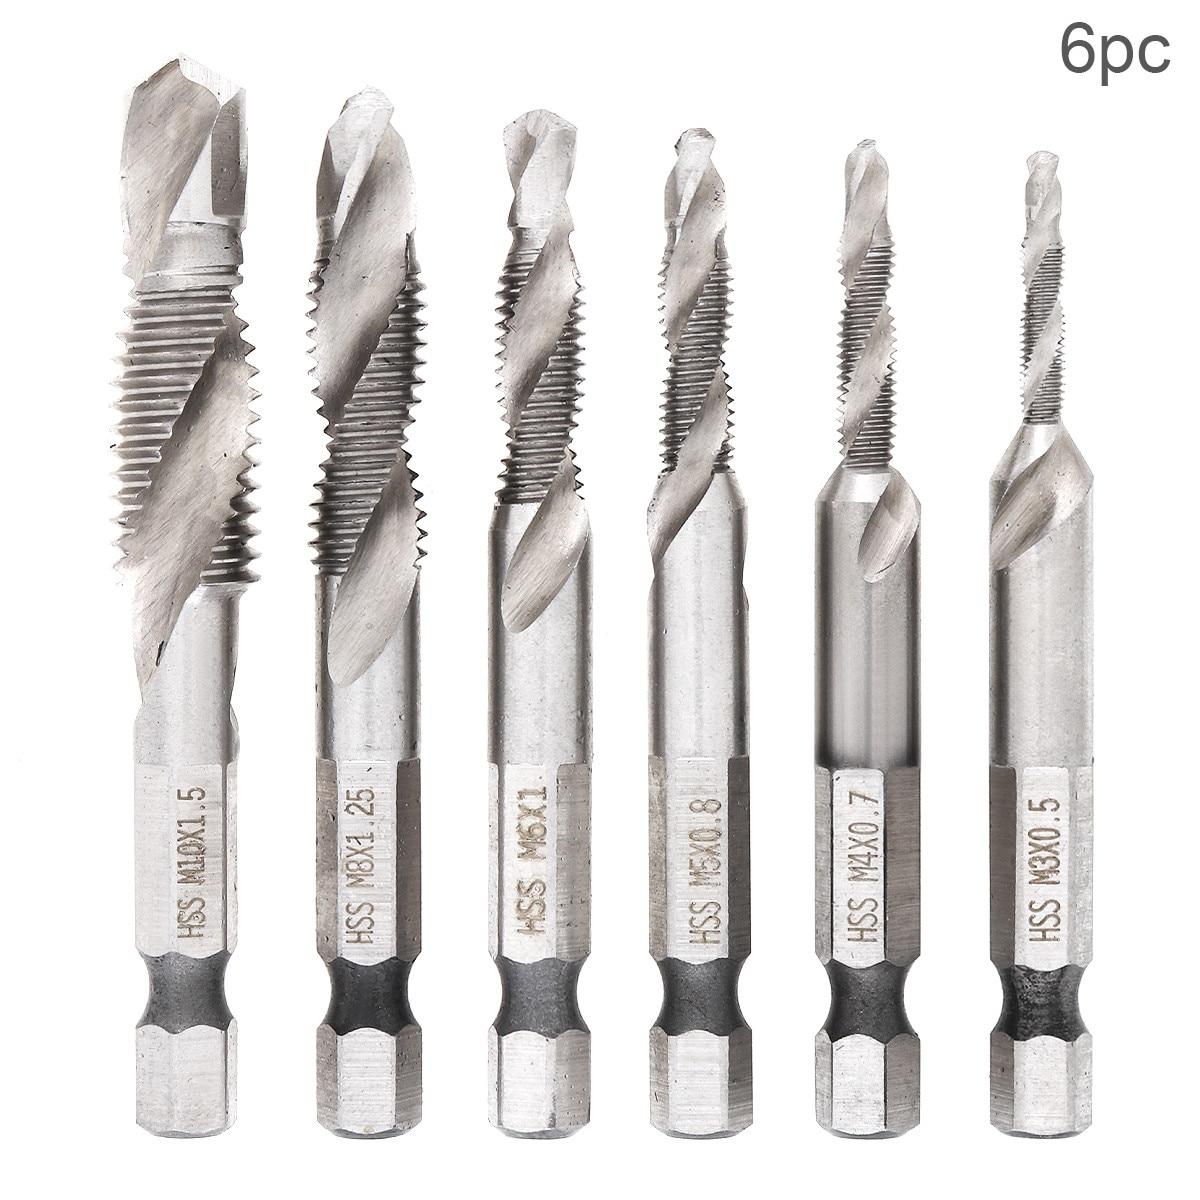 6pcs/lot Hex Shank HSS Screw Screw Point Metric Thread Male Drill Bit Set